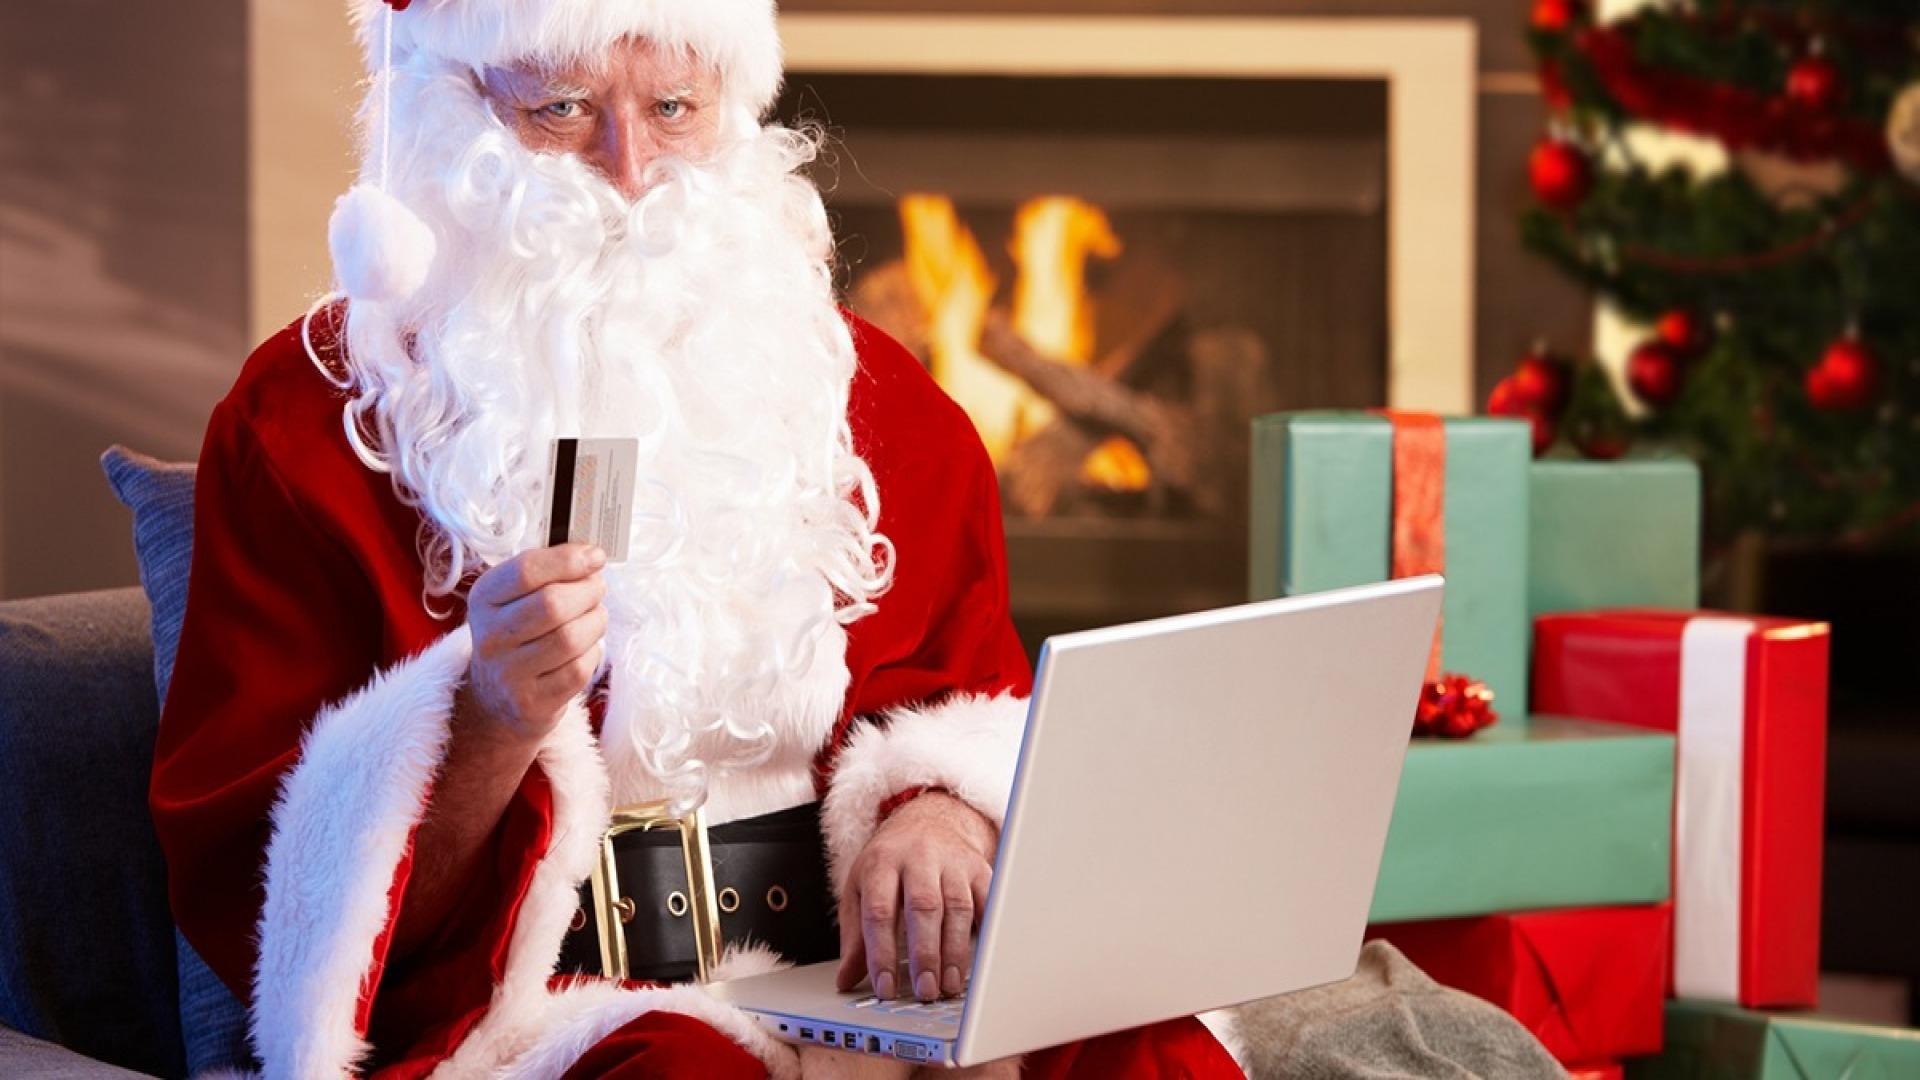 immagine blog A Natale puoi... ascoltare gli utenti!